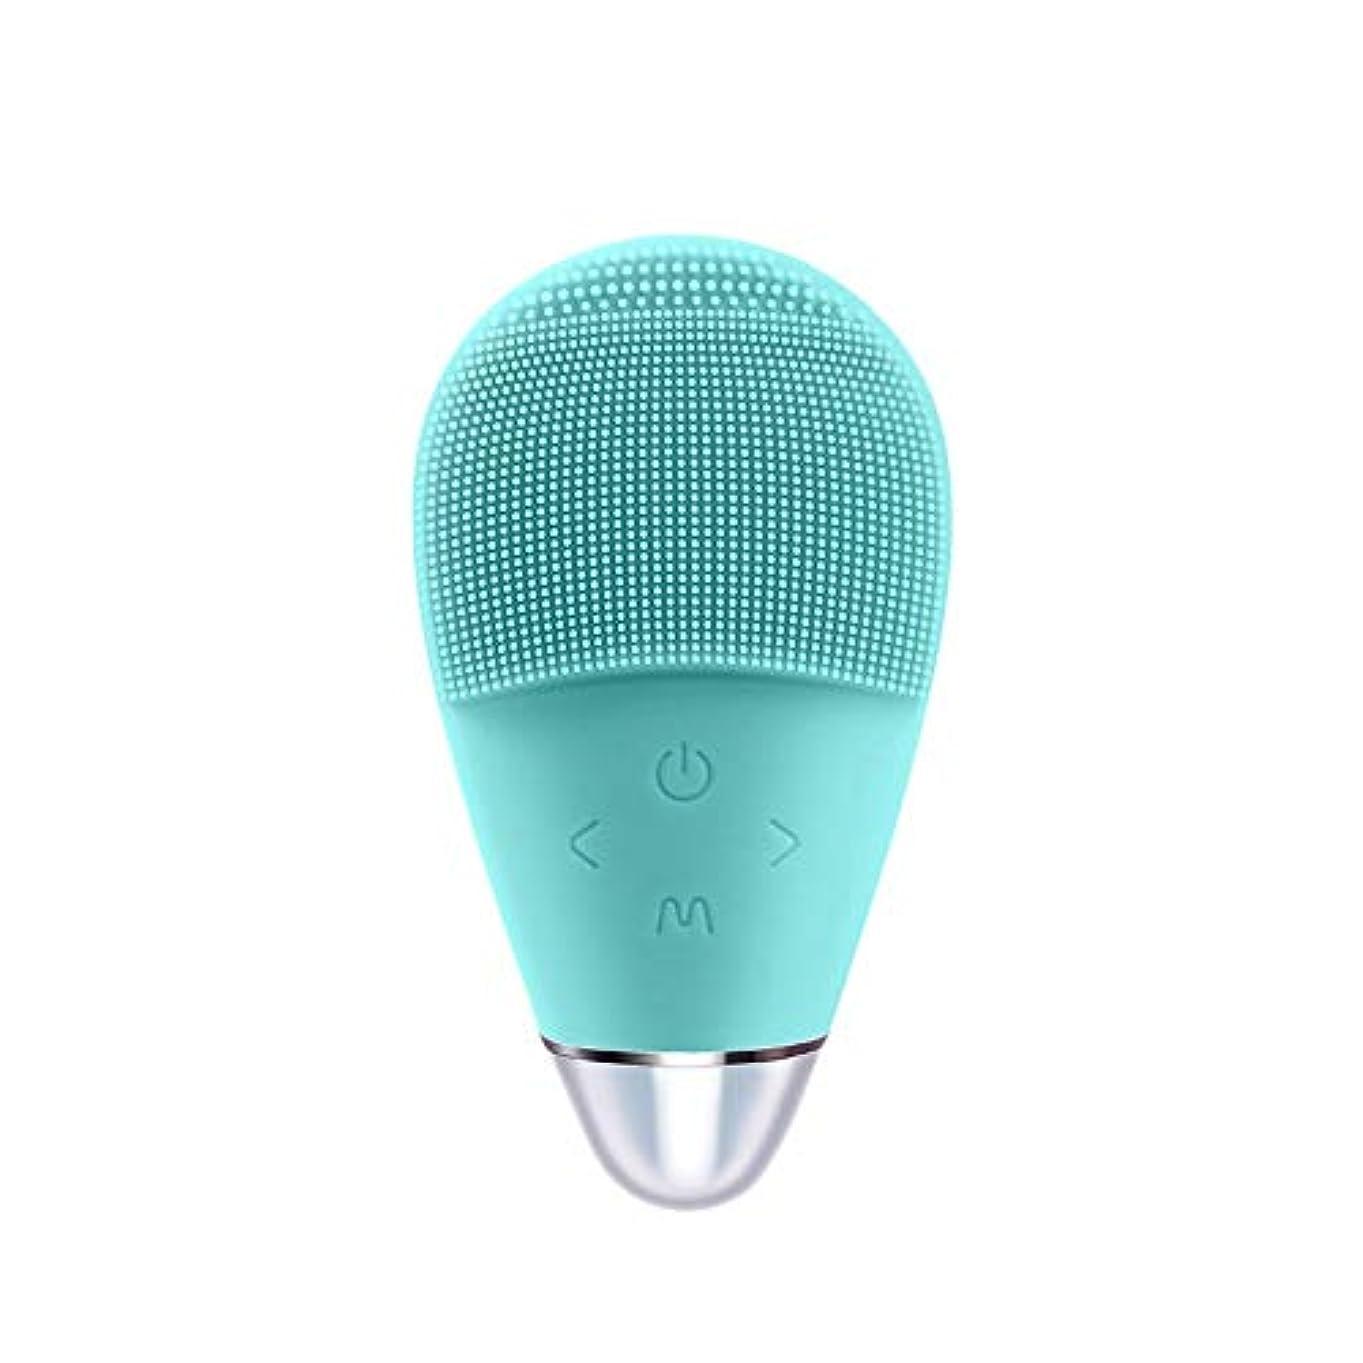 姓モックお手伝いさんシリコーン洗浄器具電気洗濯機超音波美容器具顔の毛穴クリーナー (Color : Blue)